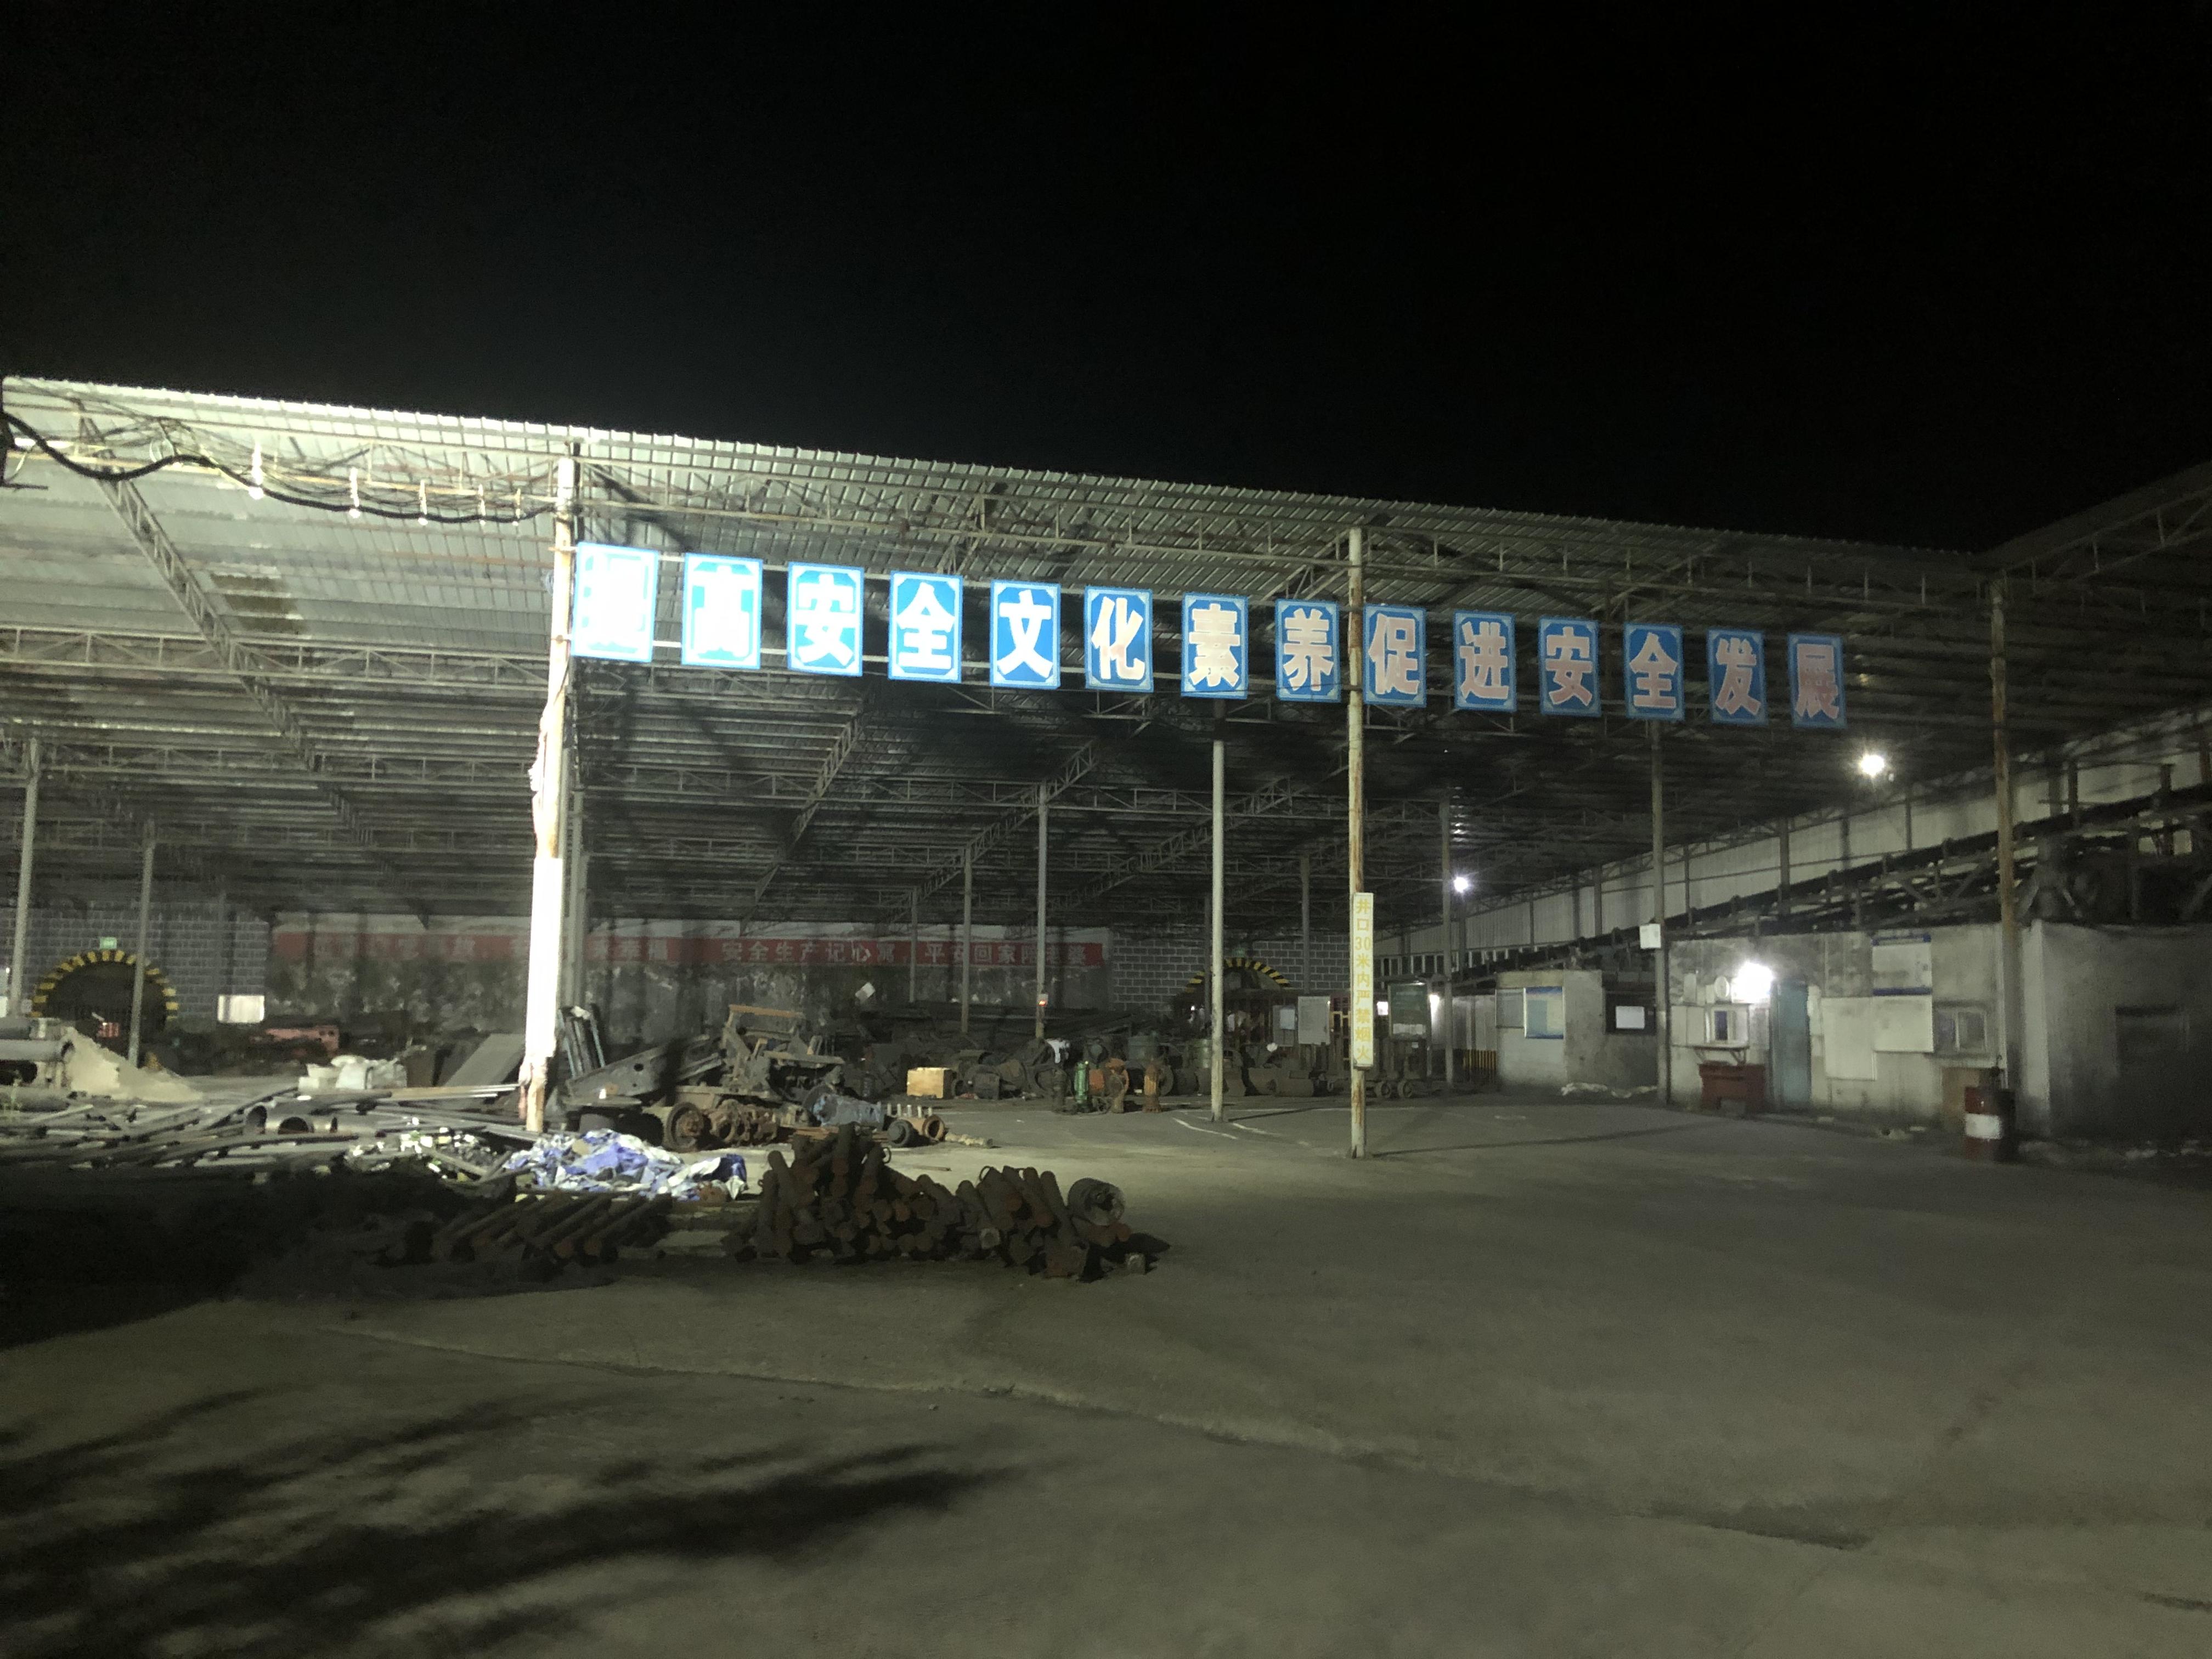 4月29日晚,暗访组抽查到已停产的黔西县文化煤矿,发现该矿未落实24小时值班值守制度 。澎湃新闻记者 王万春 图